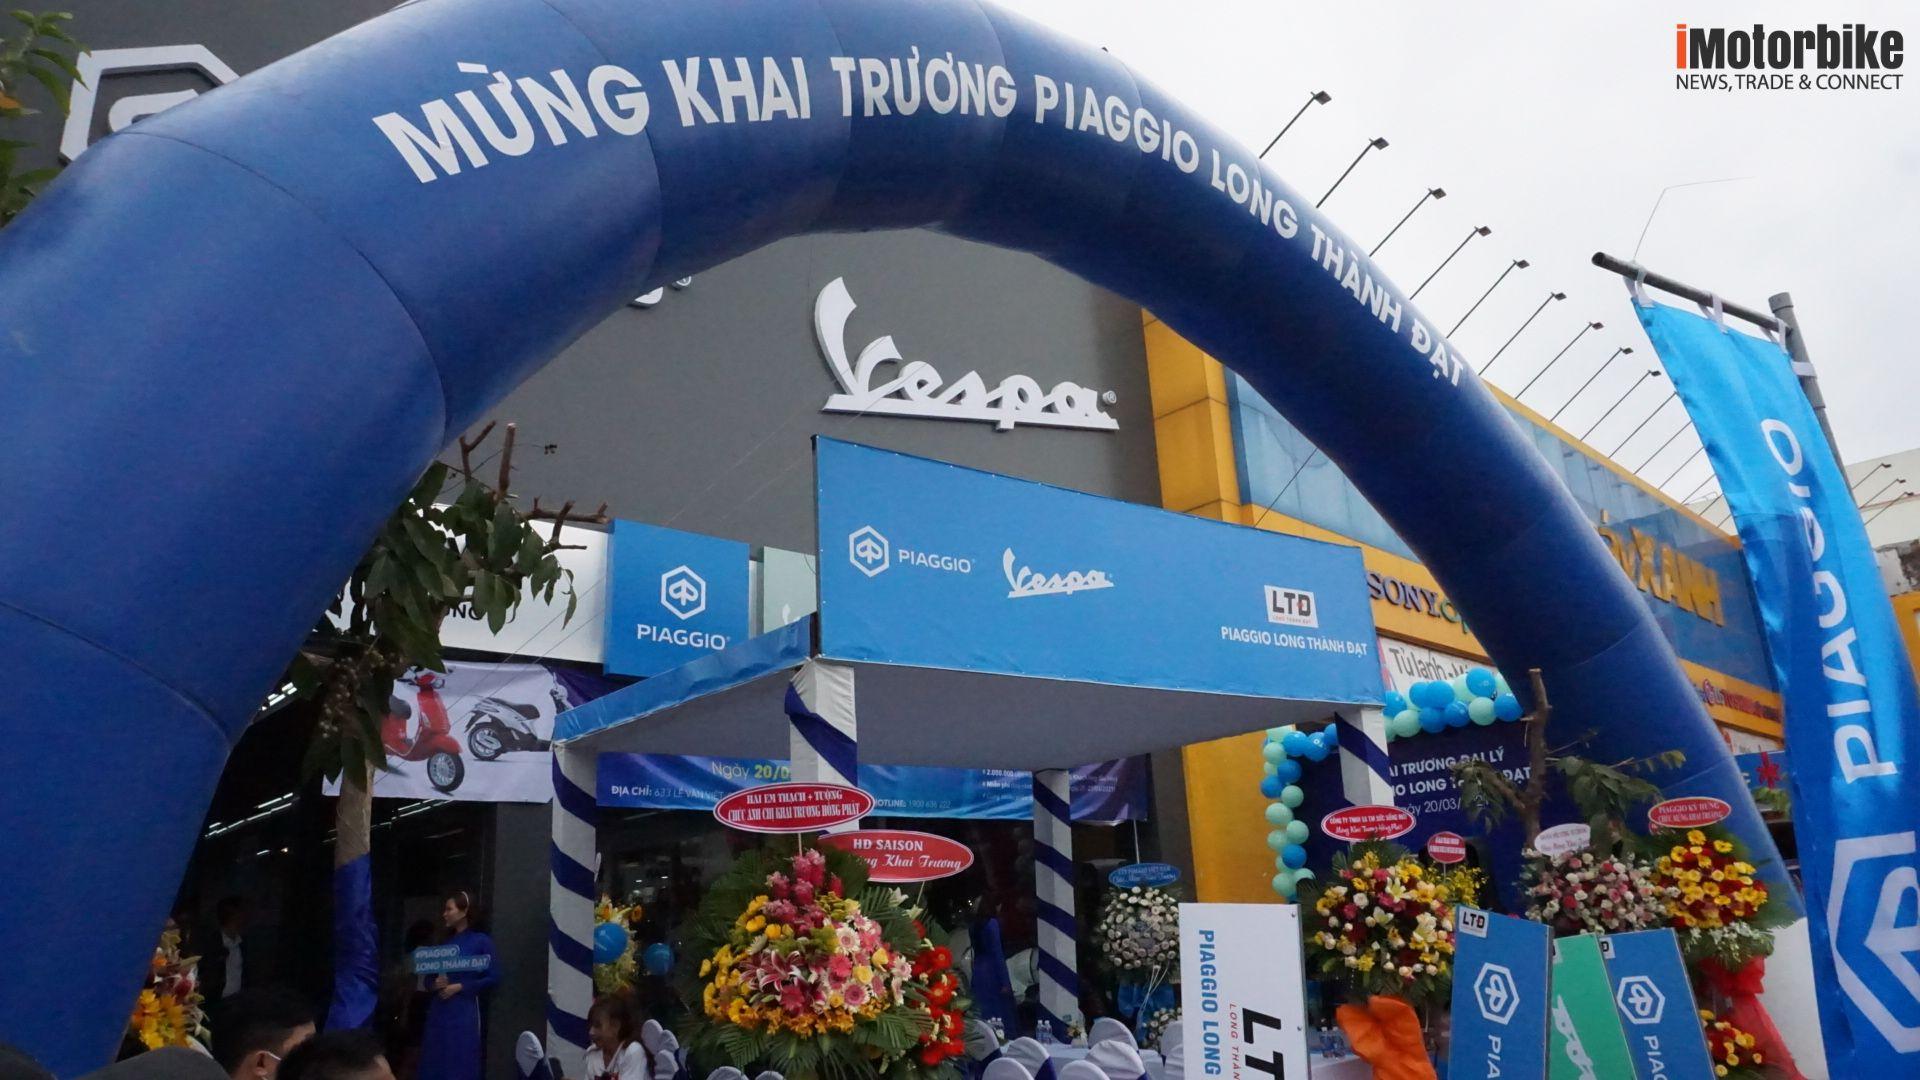 Piaggio Long Thành Đạt chính thức khai trương!